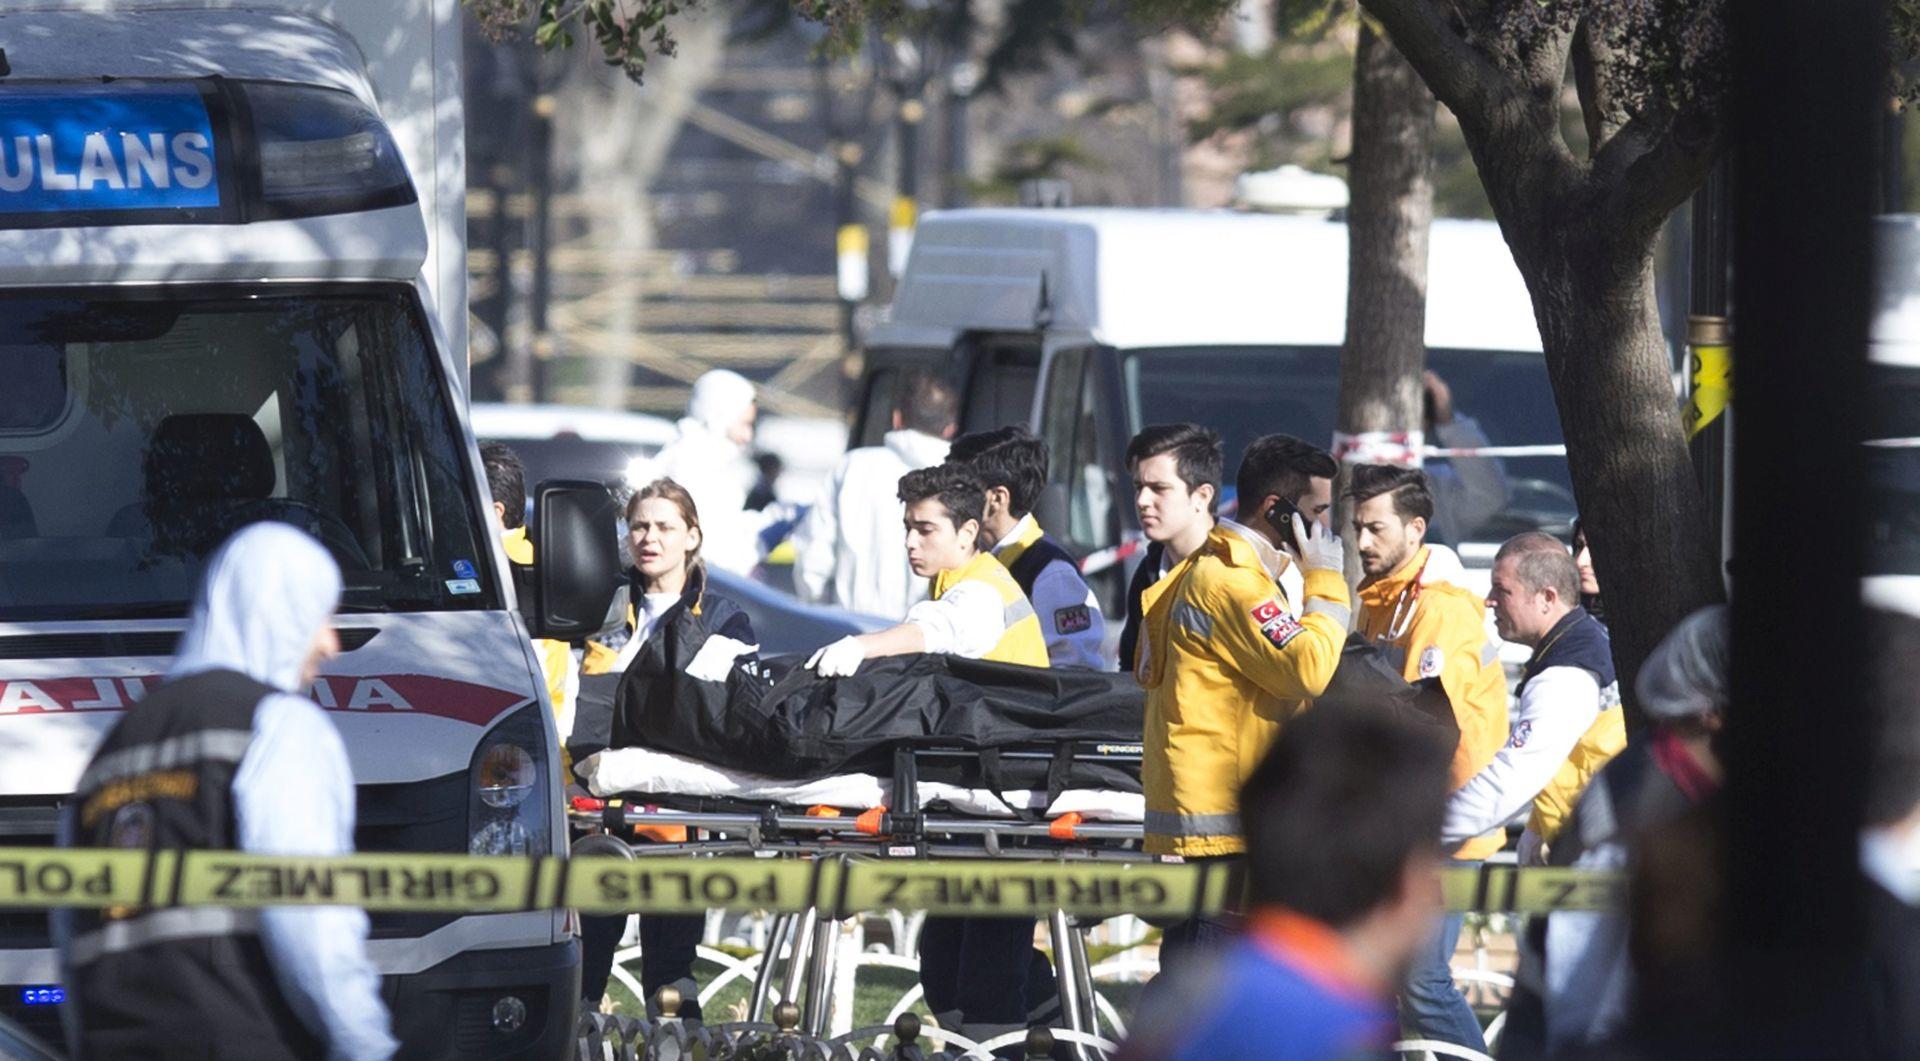 TERORISTIČKI NAPAD NA ISTANBUL Bombaš samoubojica u zemlju ušao kao migrant, više od 60 uhićenih diljem Turske